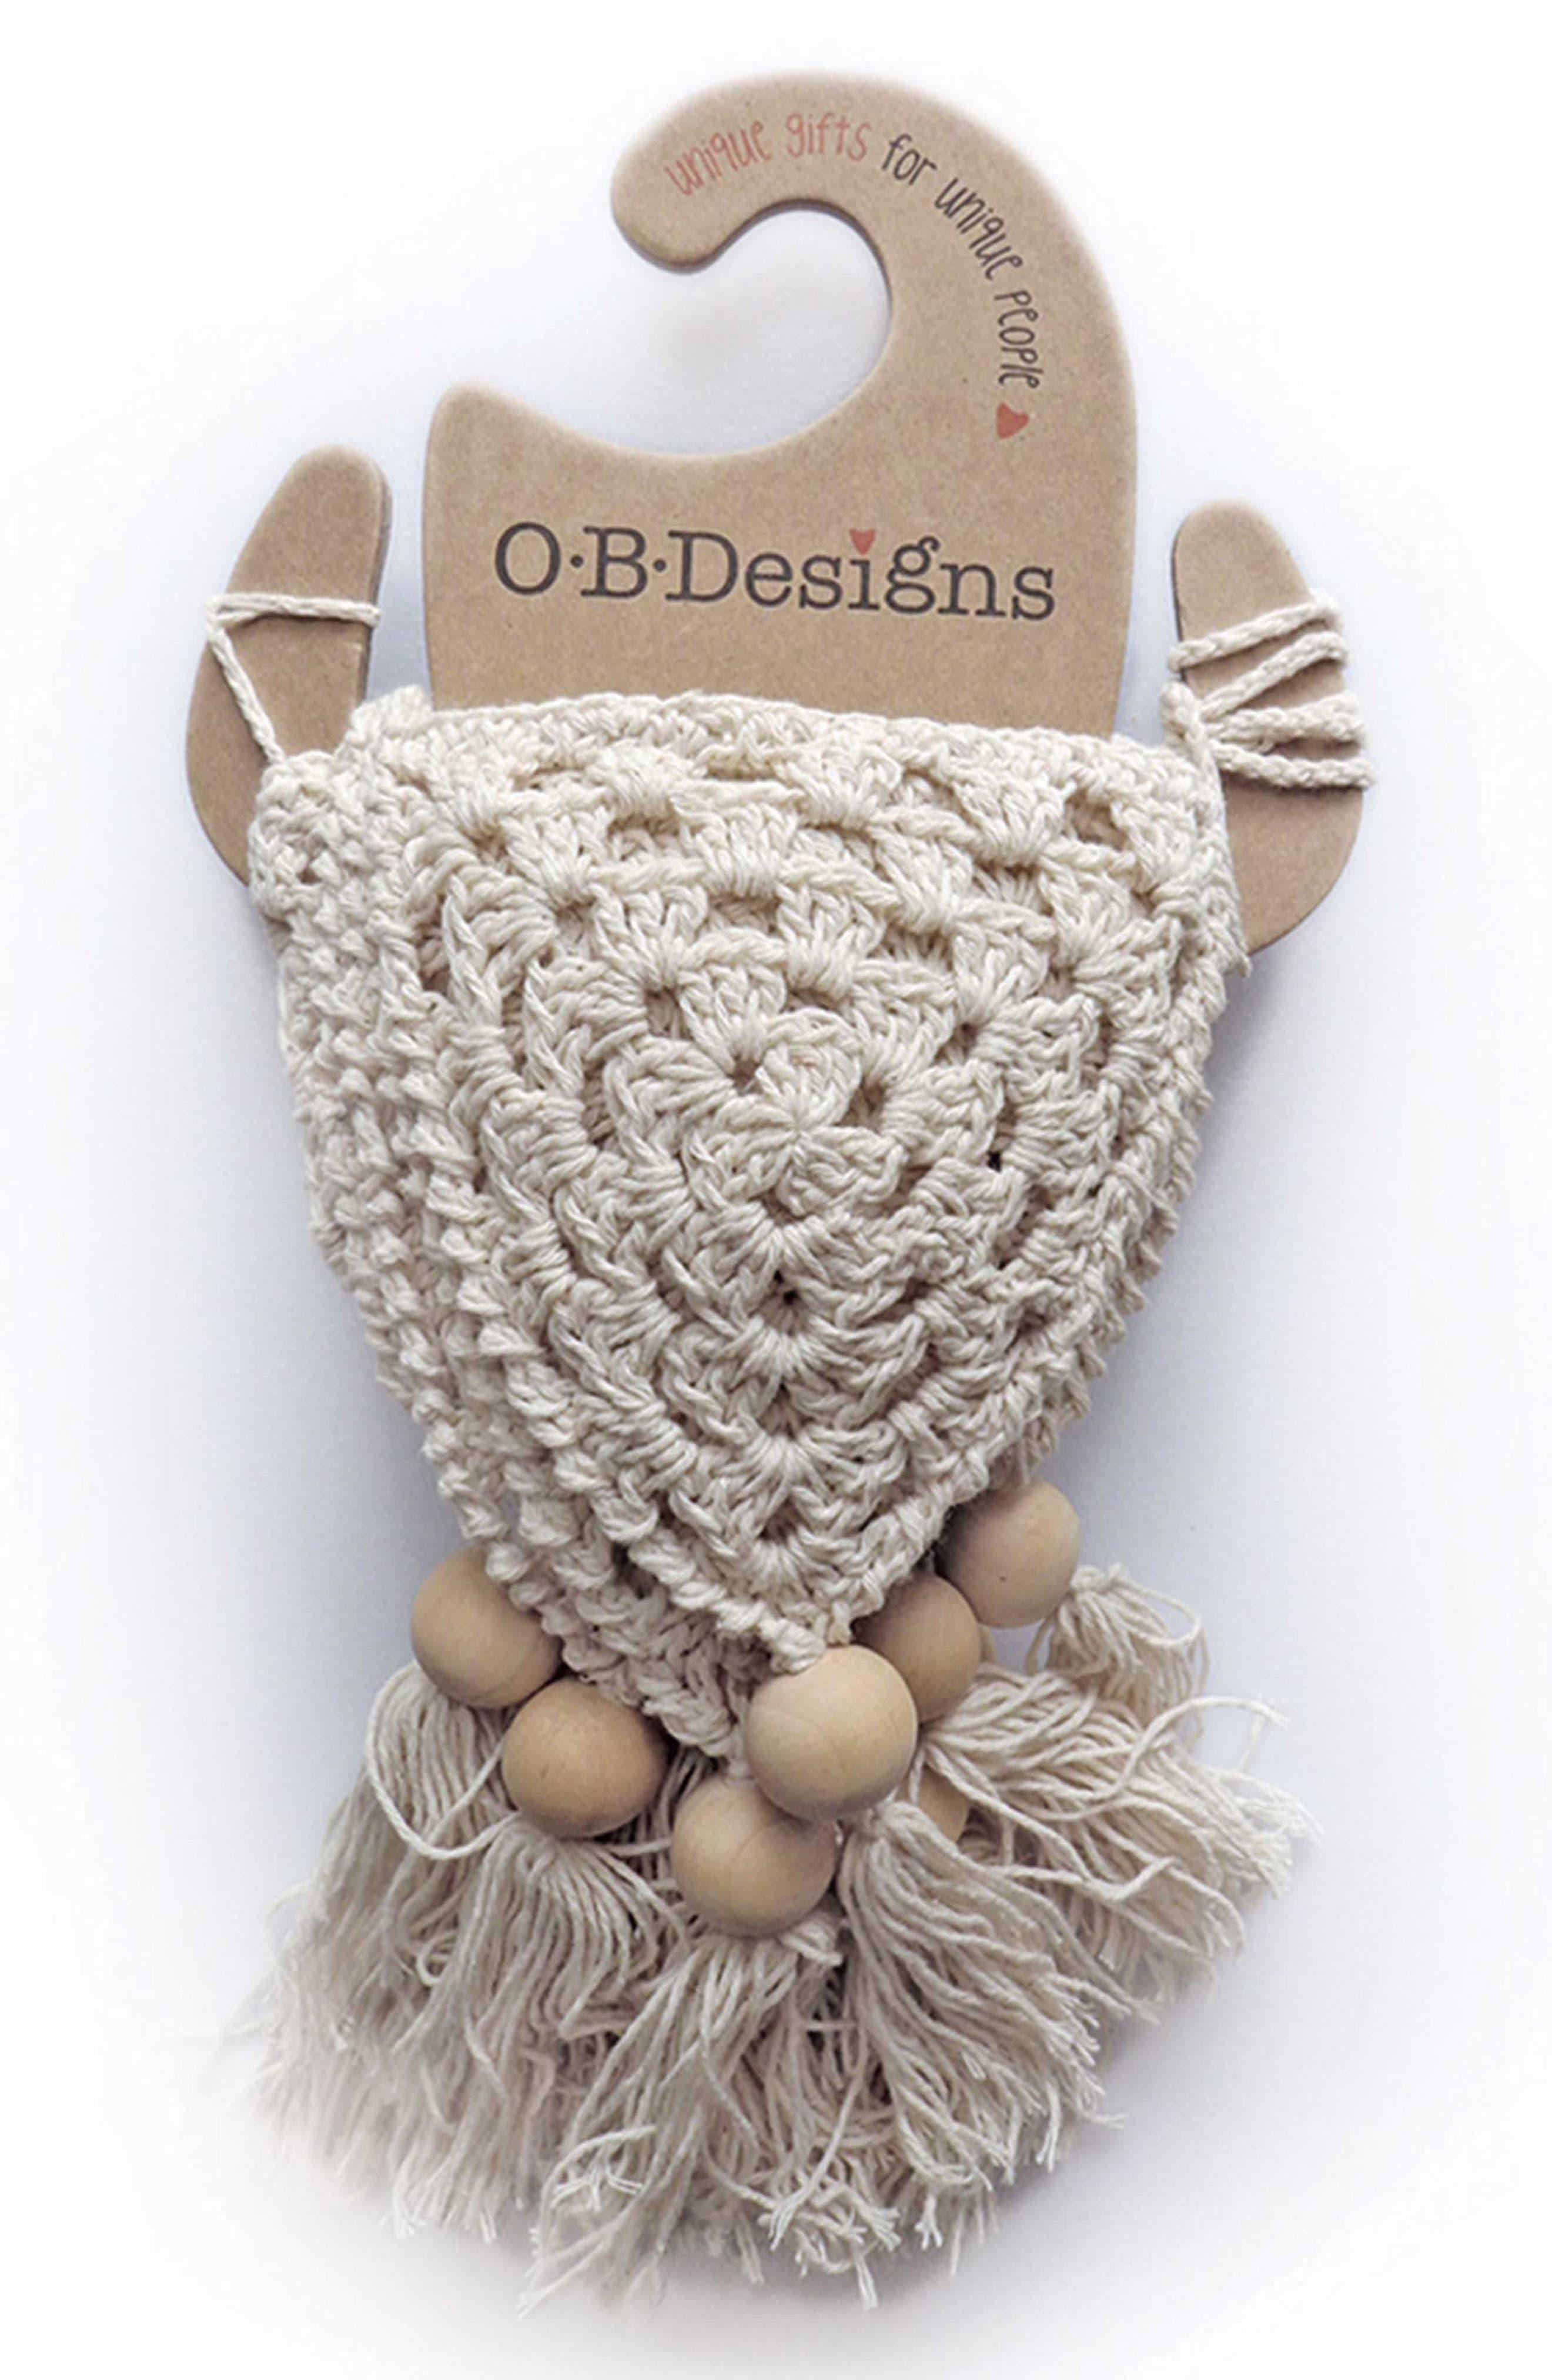 O.B. Designs Crocheted Bunting